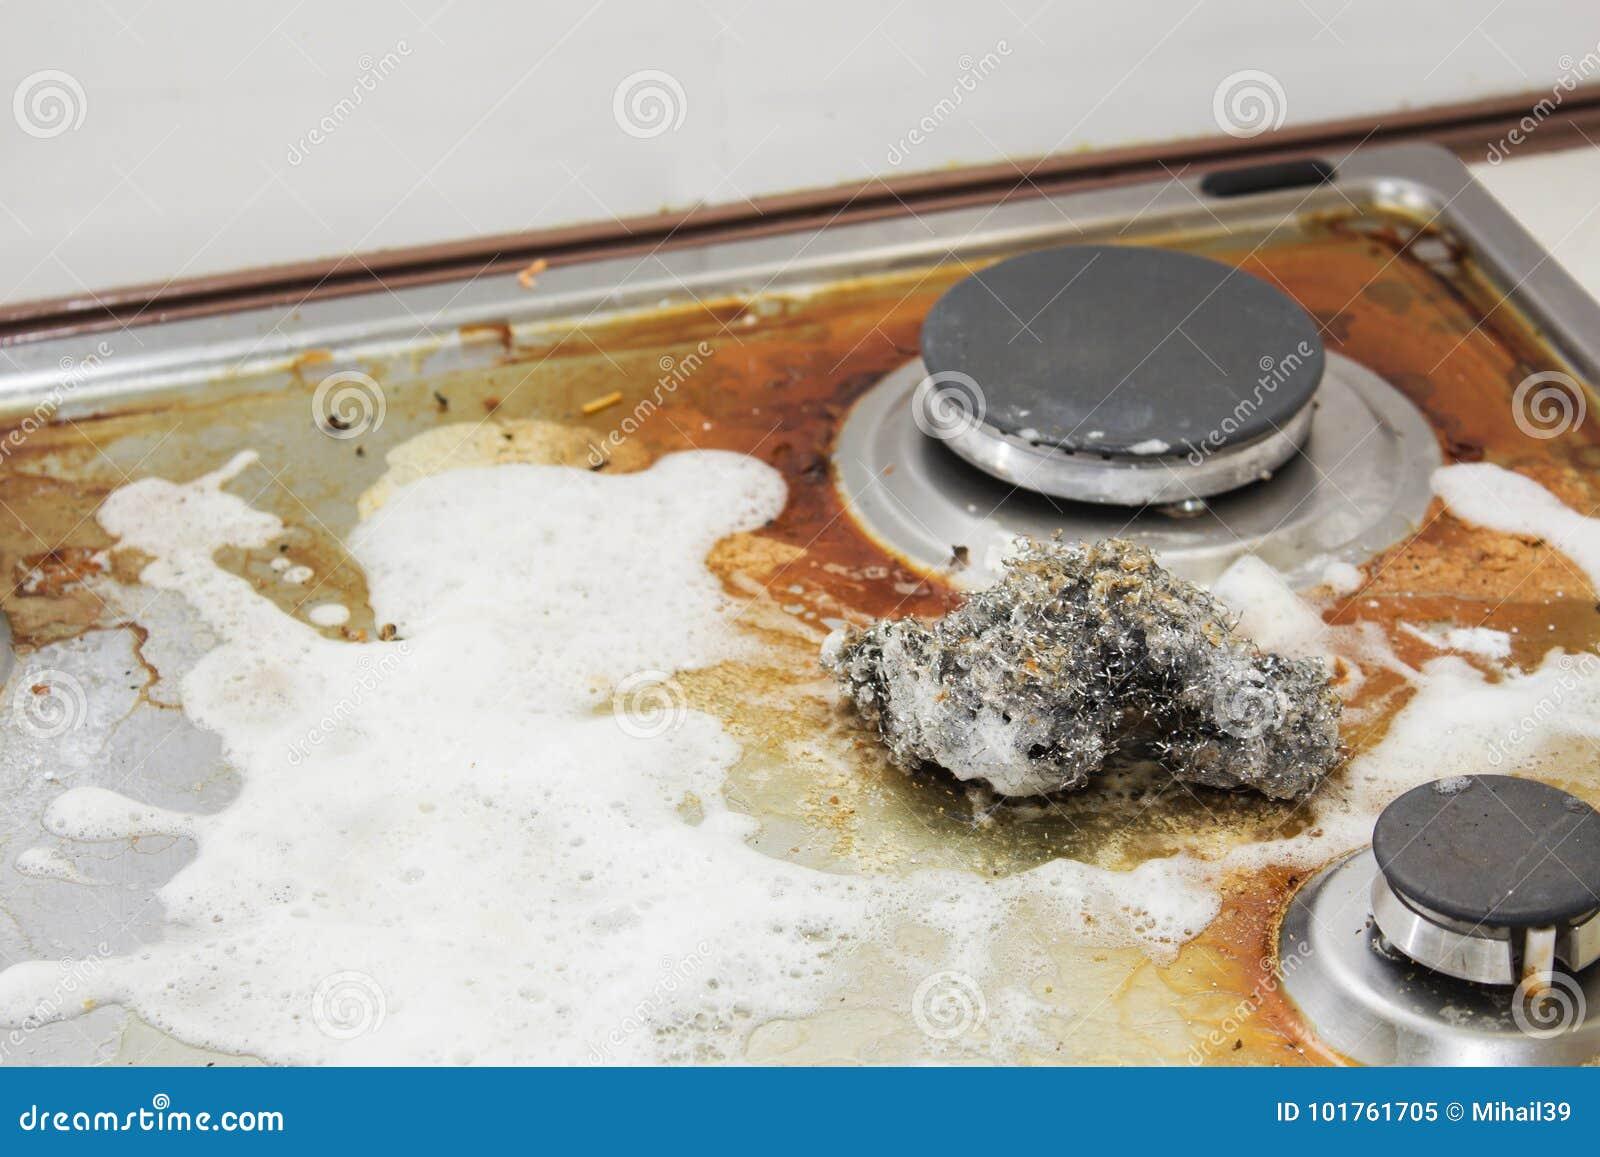 Limpieza de la cocina fotos de stock registrate gratis - Limpieza de cocina ...